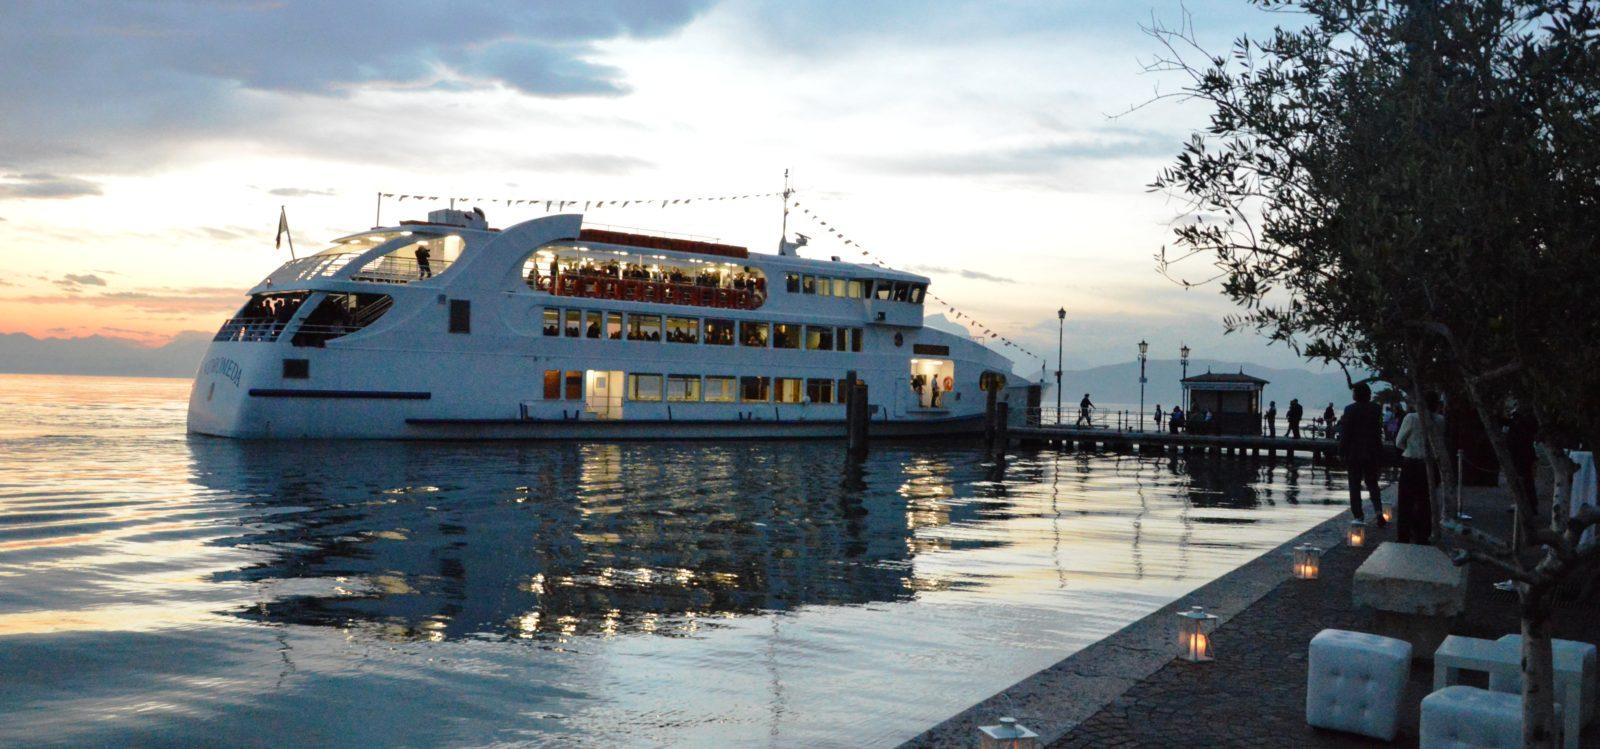 Servizi dogana veneta lazise - arrivo in barca degl ospiti